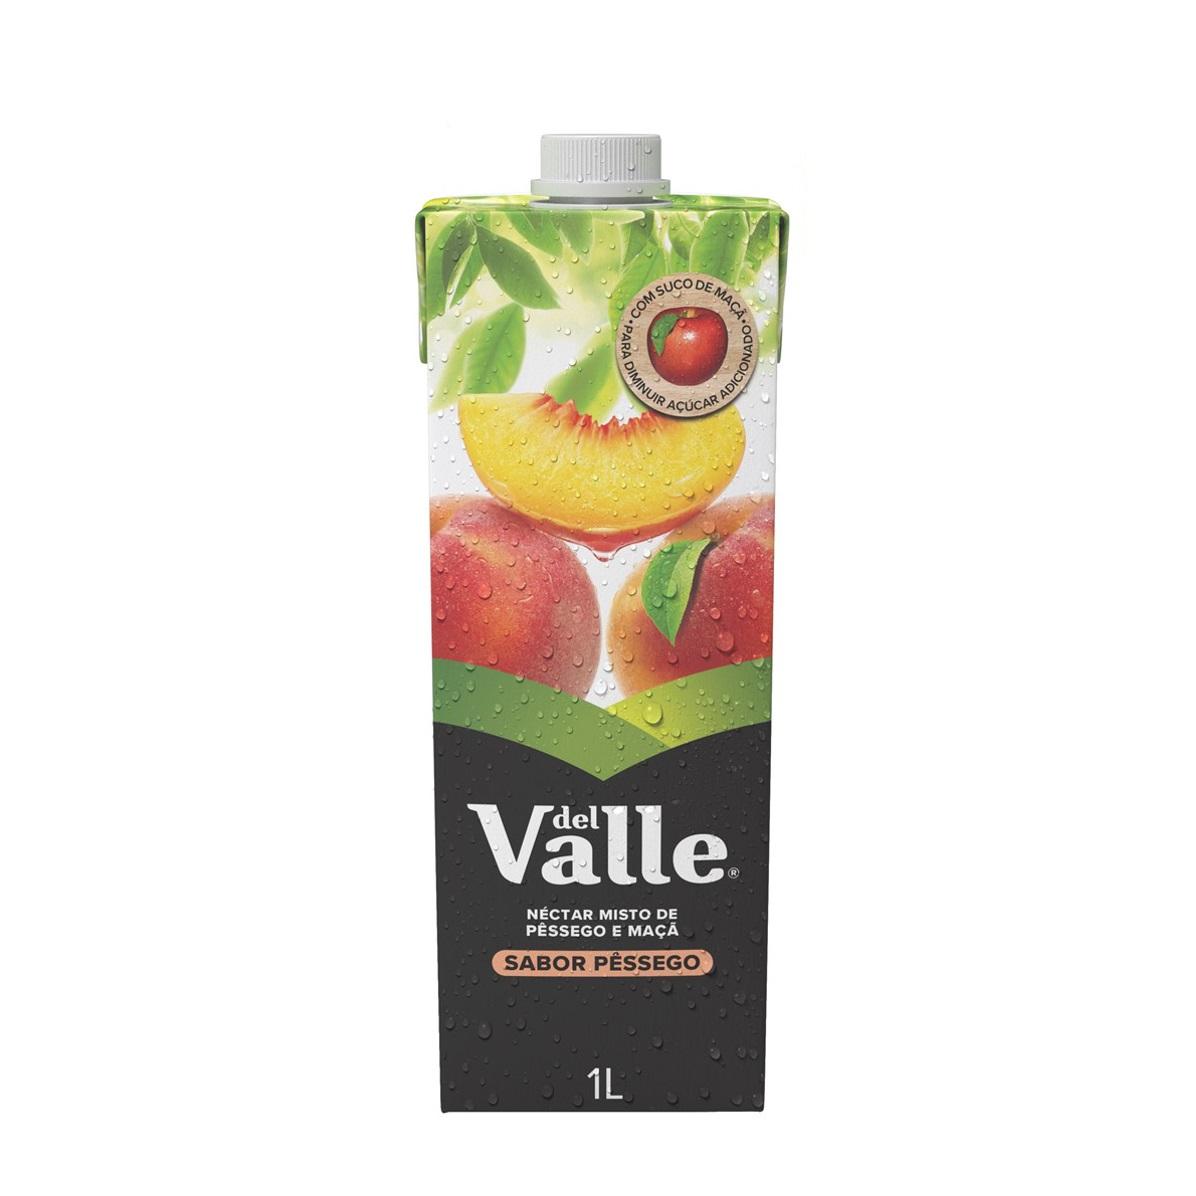 DEL VALLE MAIS NEC PESSEGO 1L